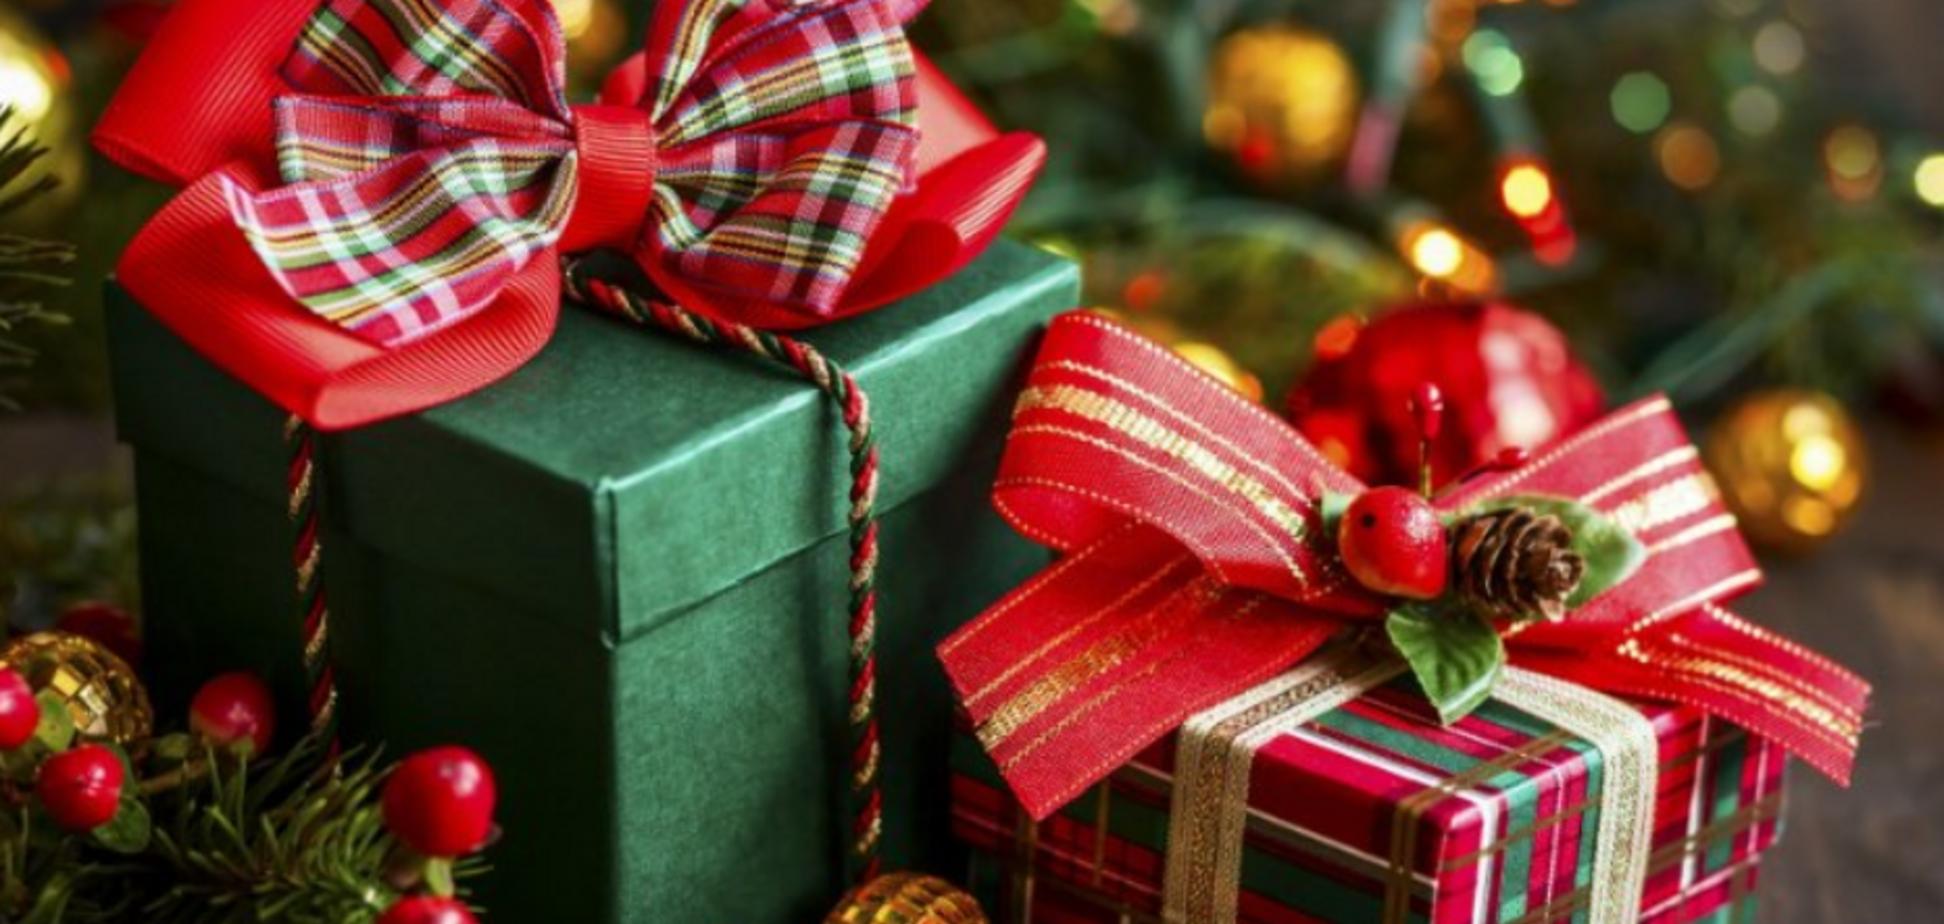 ''Шкарпетки і цукерки були розкішшю'': українські зірки розповіли про подарунки на День святого Миколая